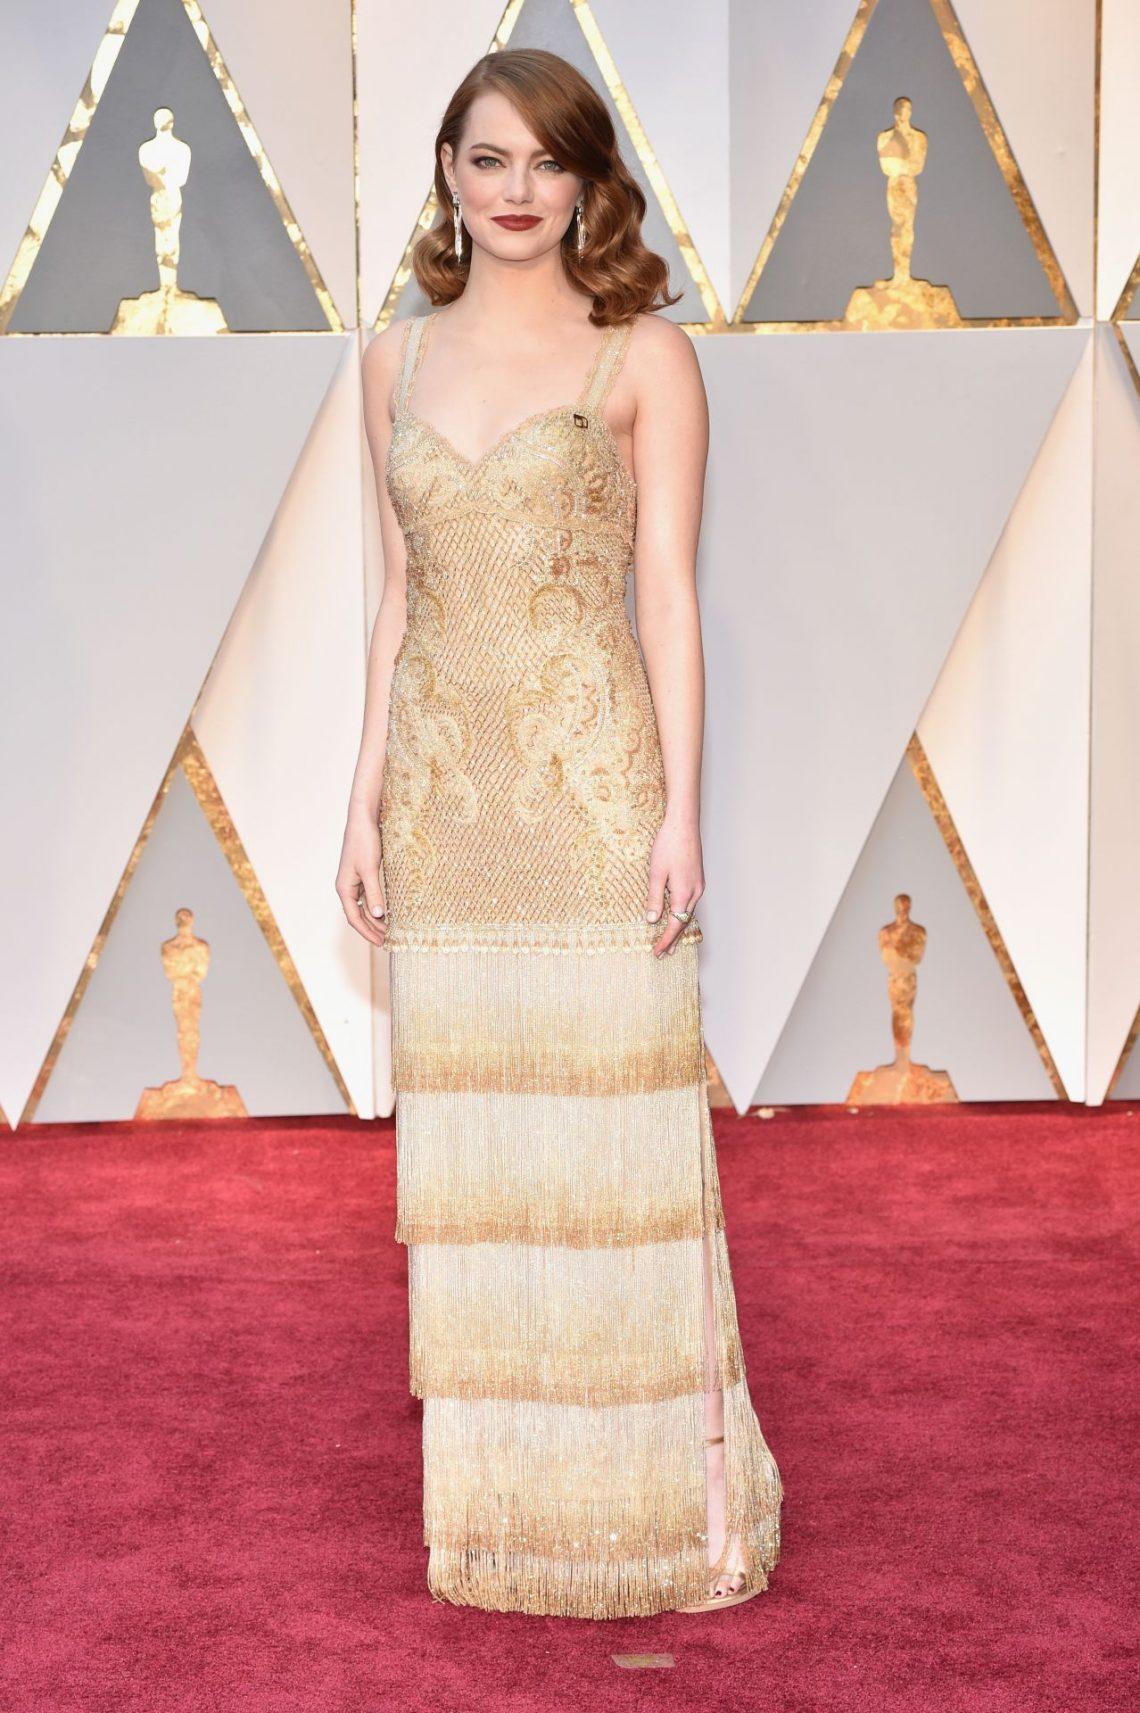 Emma Stone apuesta por NARS para su look beauty. Aquí va la lista de productos con los que triunfó